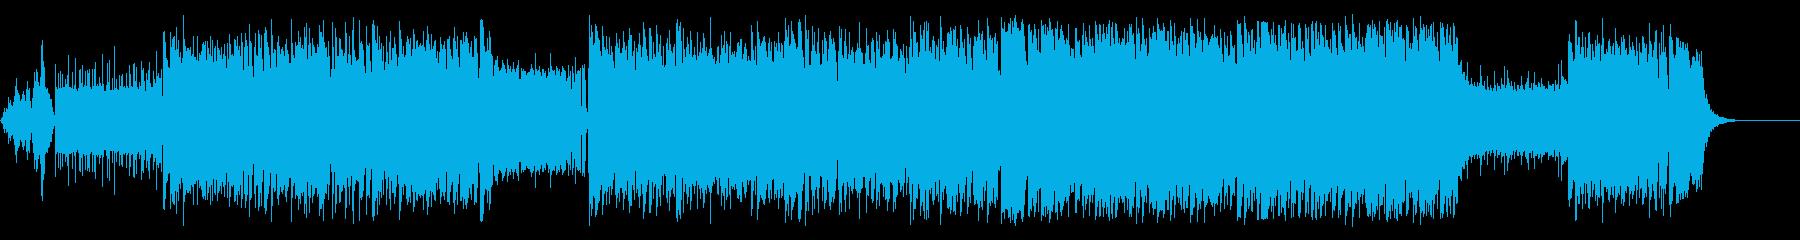 疾走感あふれる明るく楽しいBGMの再生済みの波形